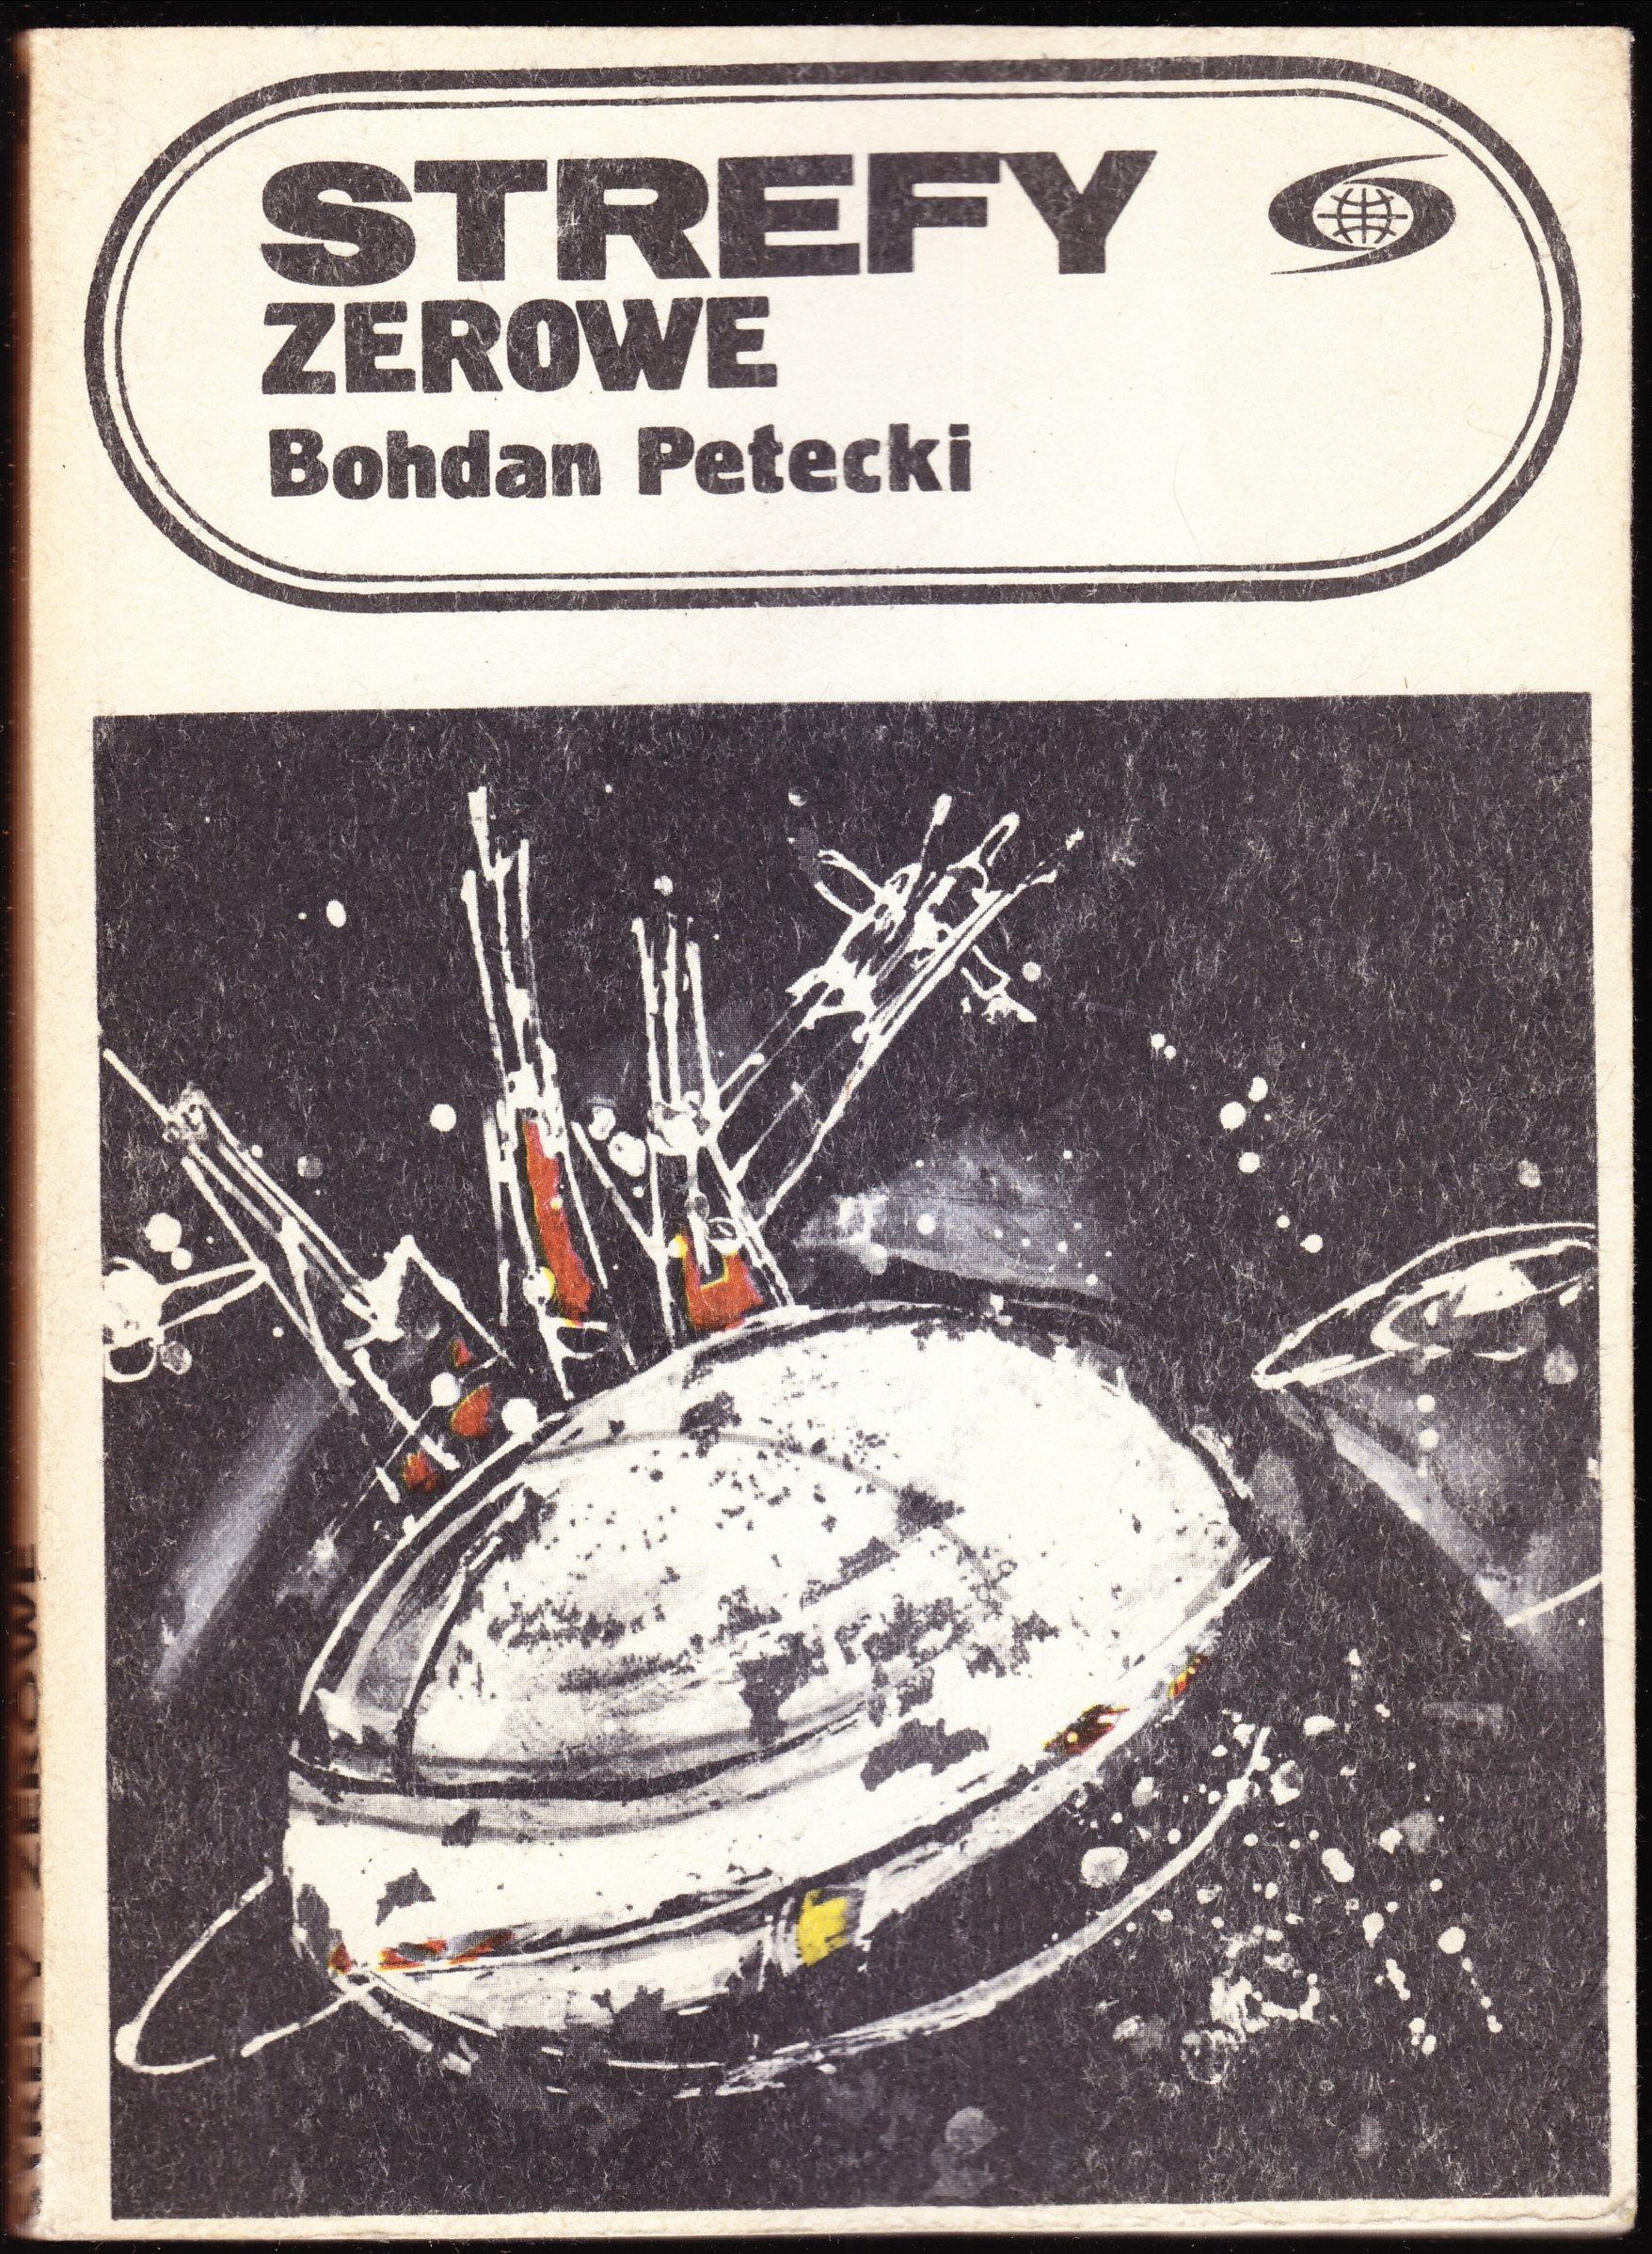 Znalezione obrazy dla zapytania Bohdan Petecki Strefy zerowe